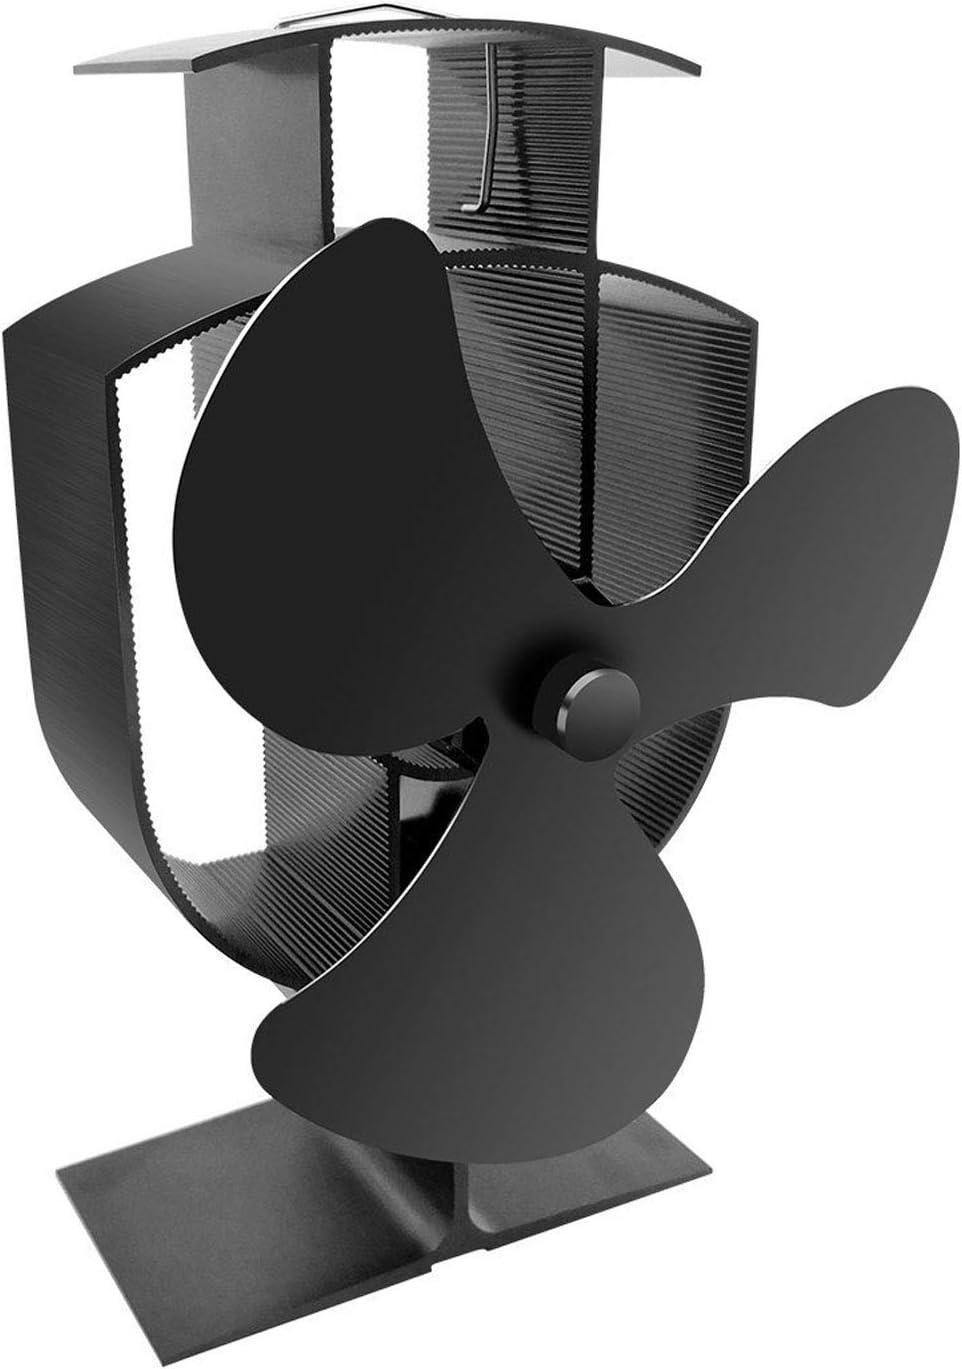 Hao-zhuokun 2020 Ventilador para Estufa,Ventilador Estufa leña,para Estufas de Gas/pellets/leña,diseño silencioso,ecológico y económico,Negro